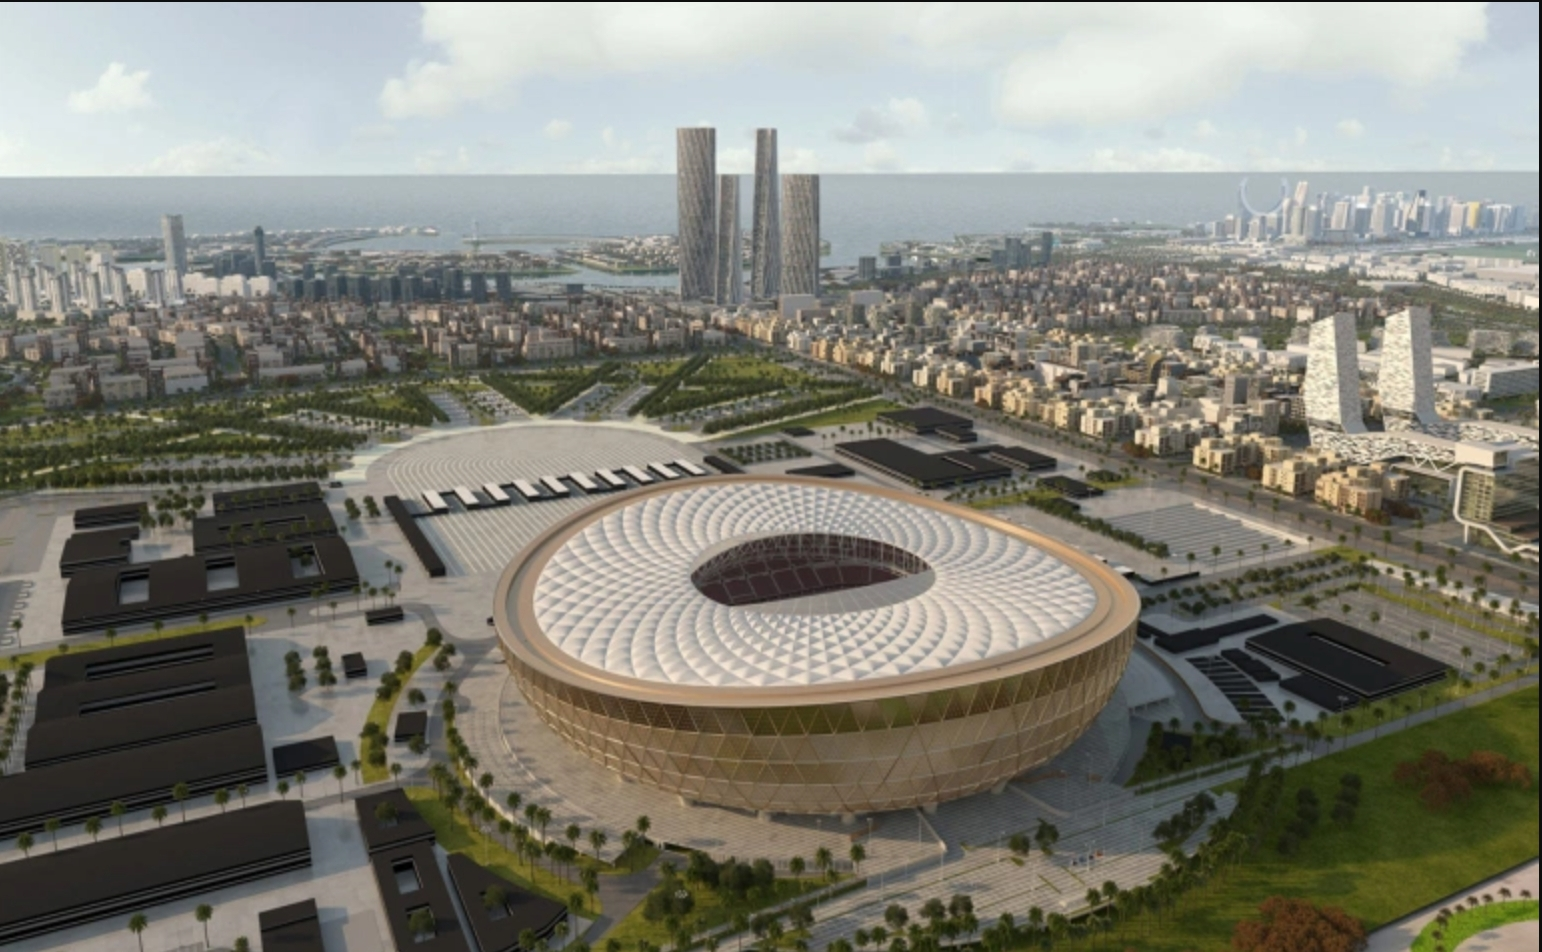 شاهد وضع آخر قطعة معدنية بالملعب الخرافي الذي سيحتضن نهائي مونديال قطر 2022